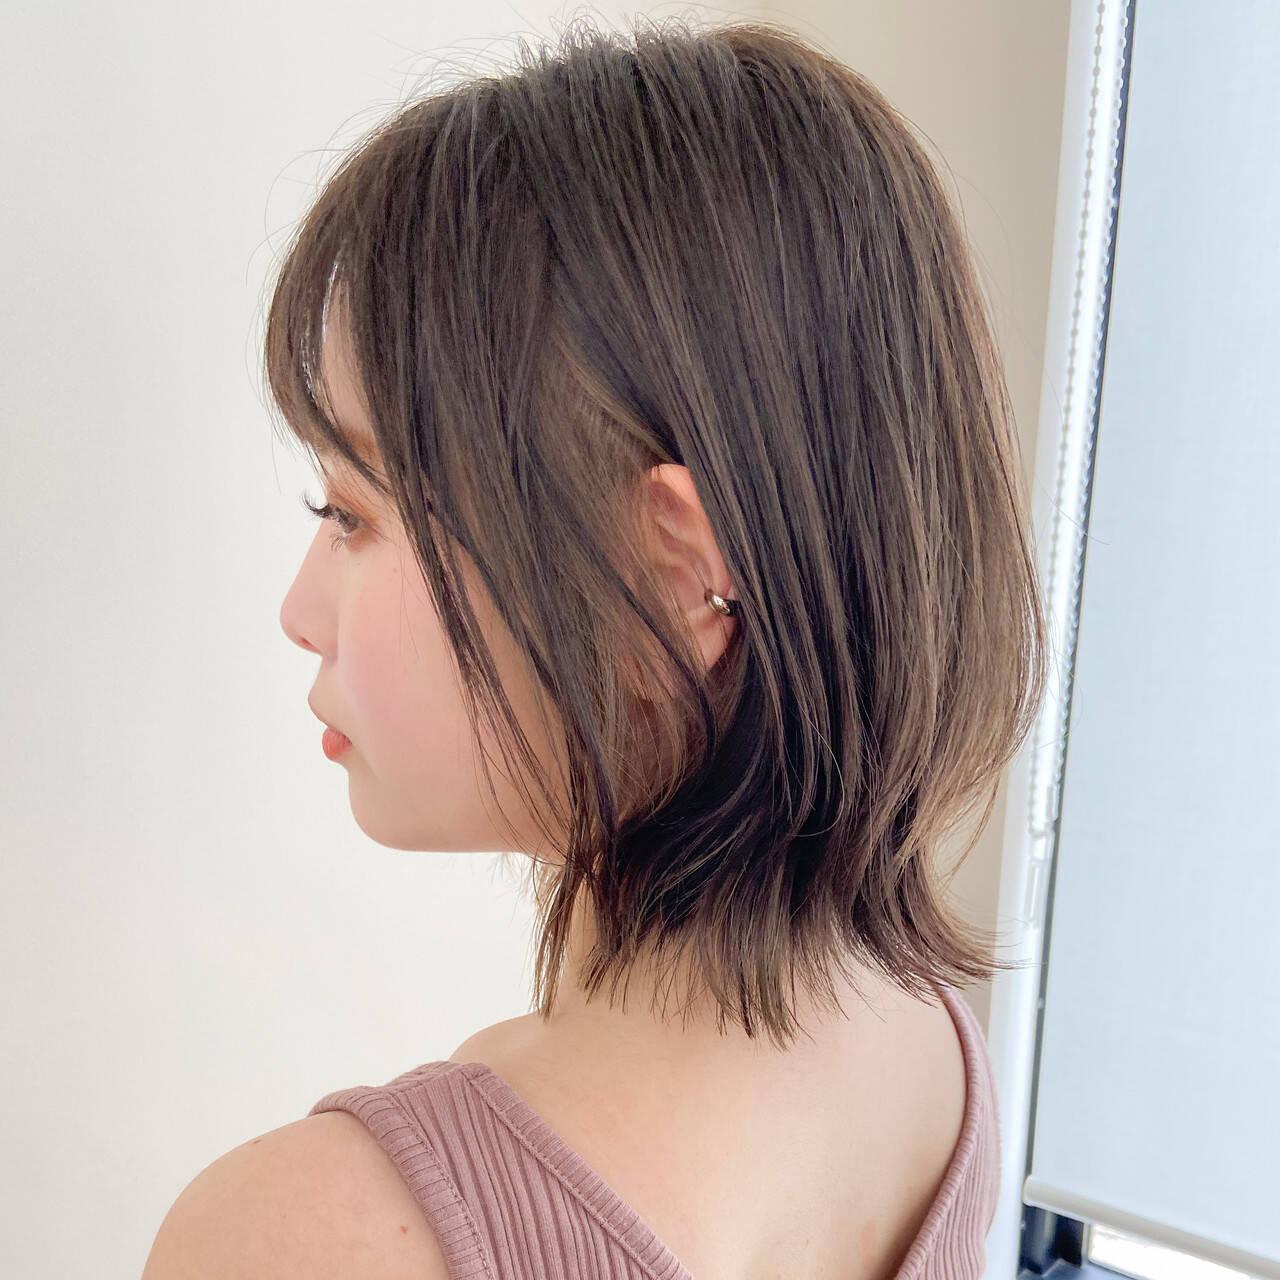 デジタルパーマ ウルフカット ミルクティーベージュ ミディアムヘアスタイルや髪型の写真・画像